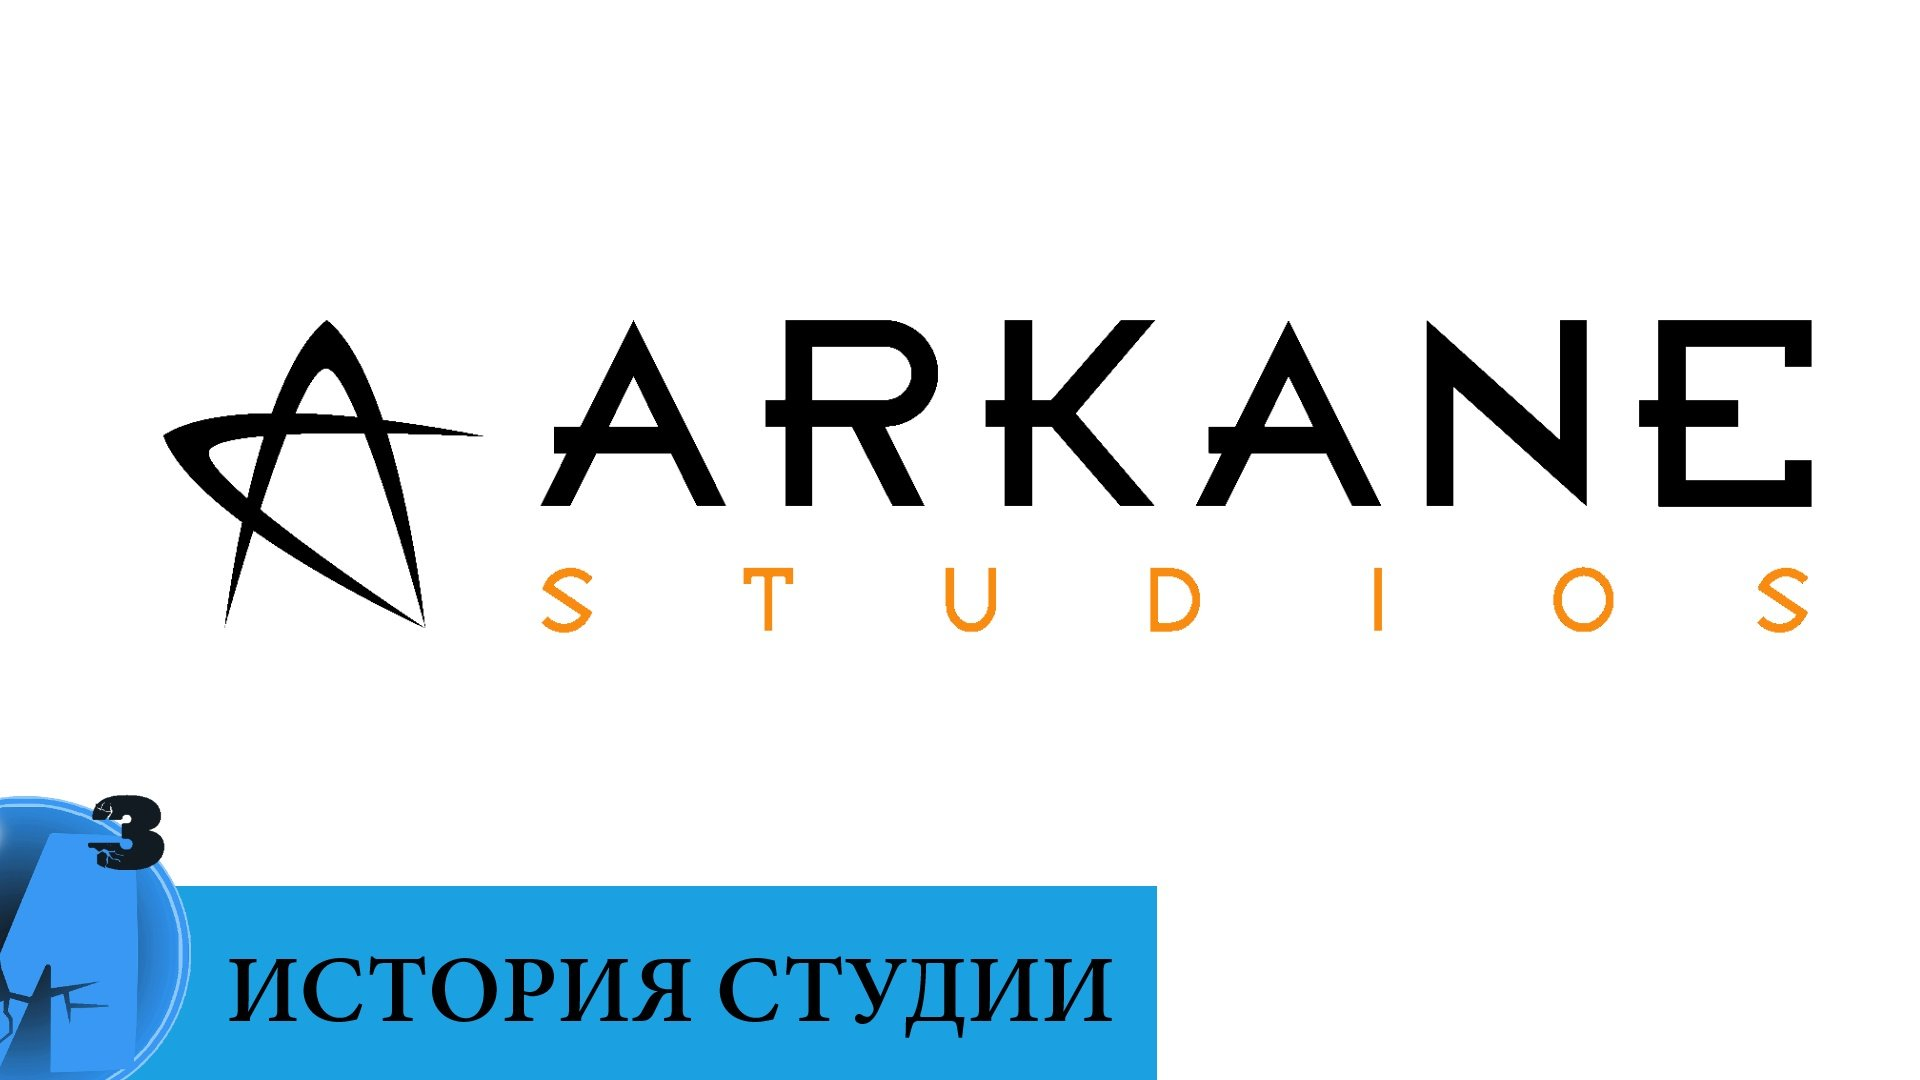 ИИИ - Arkane Studios (часть 1). 1999 г. - настоящее время - Изображение 1